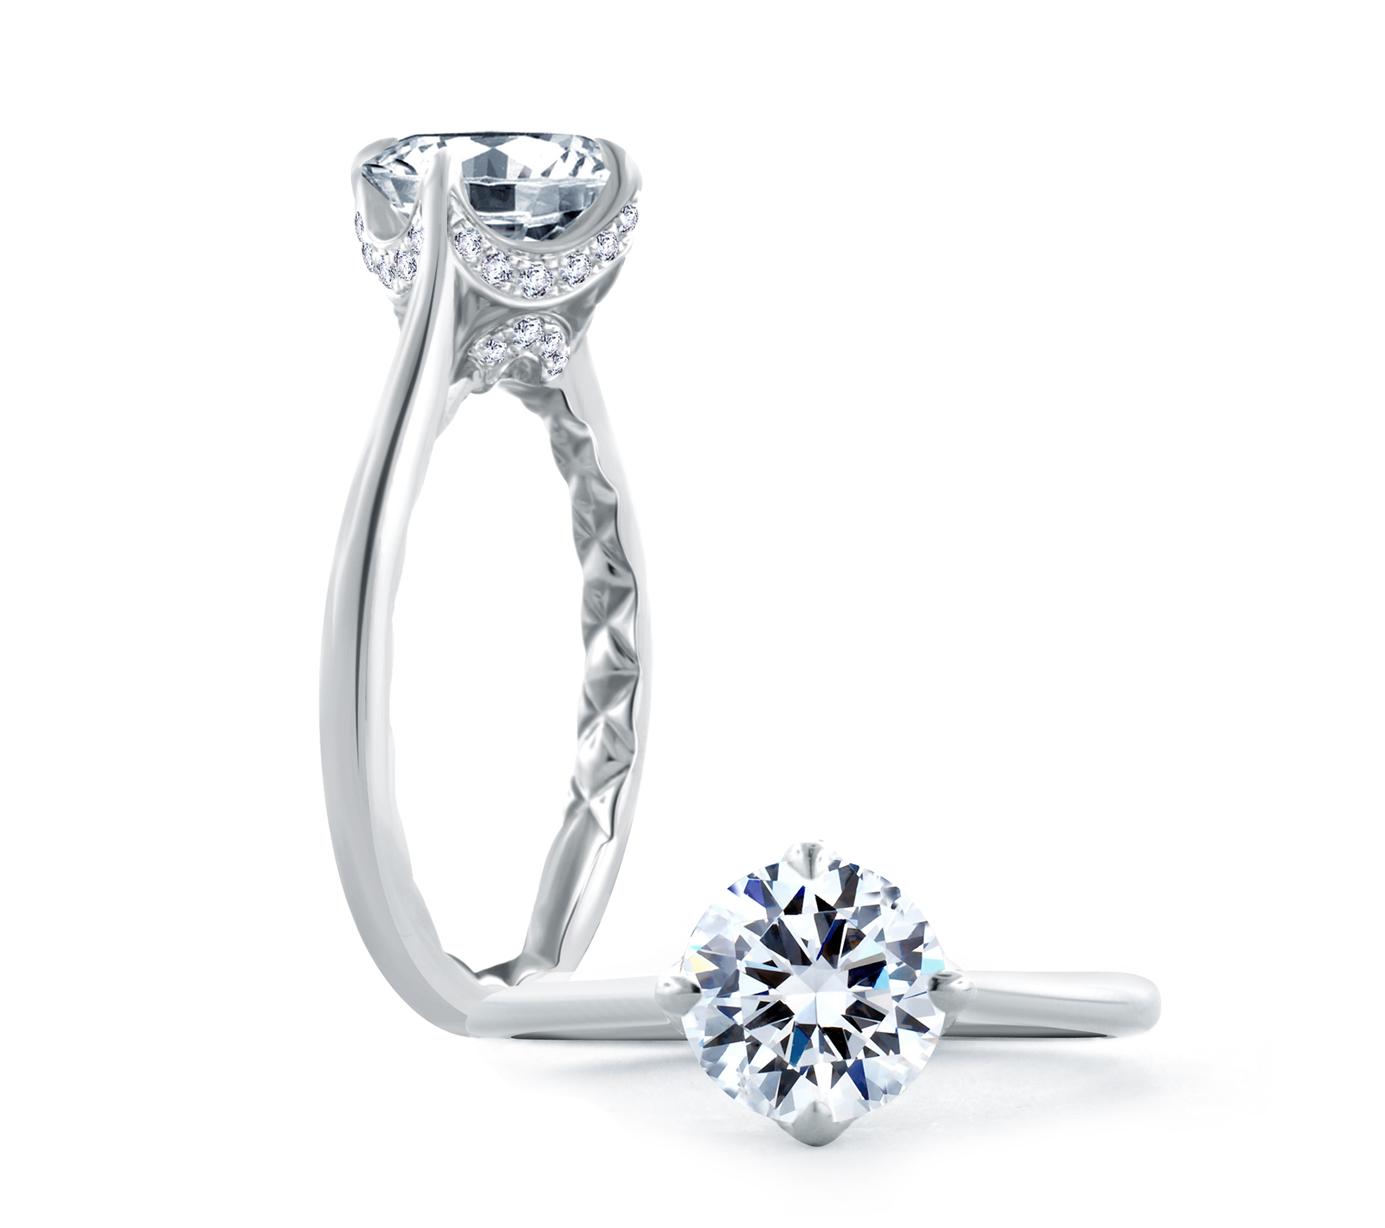 Engagement Rings | Van Gundys | Camarillo, CA Jewelers